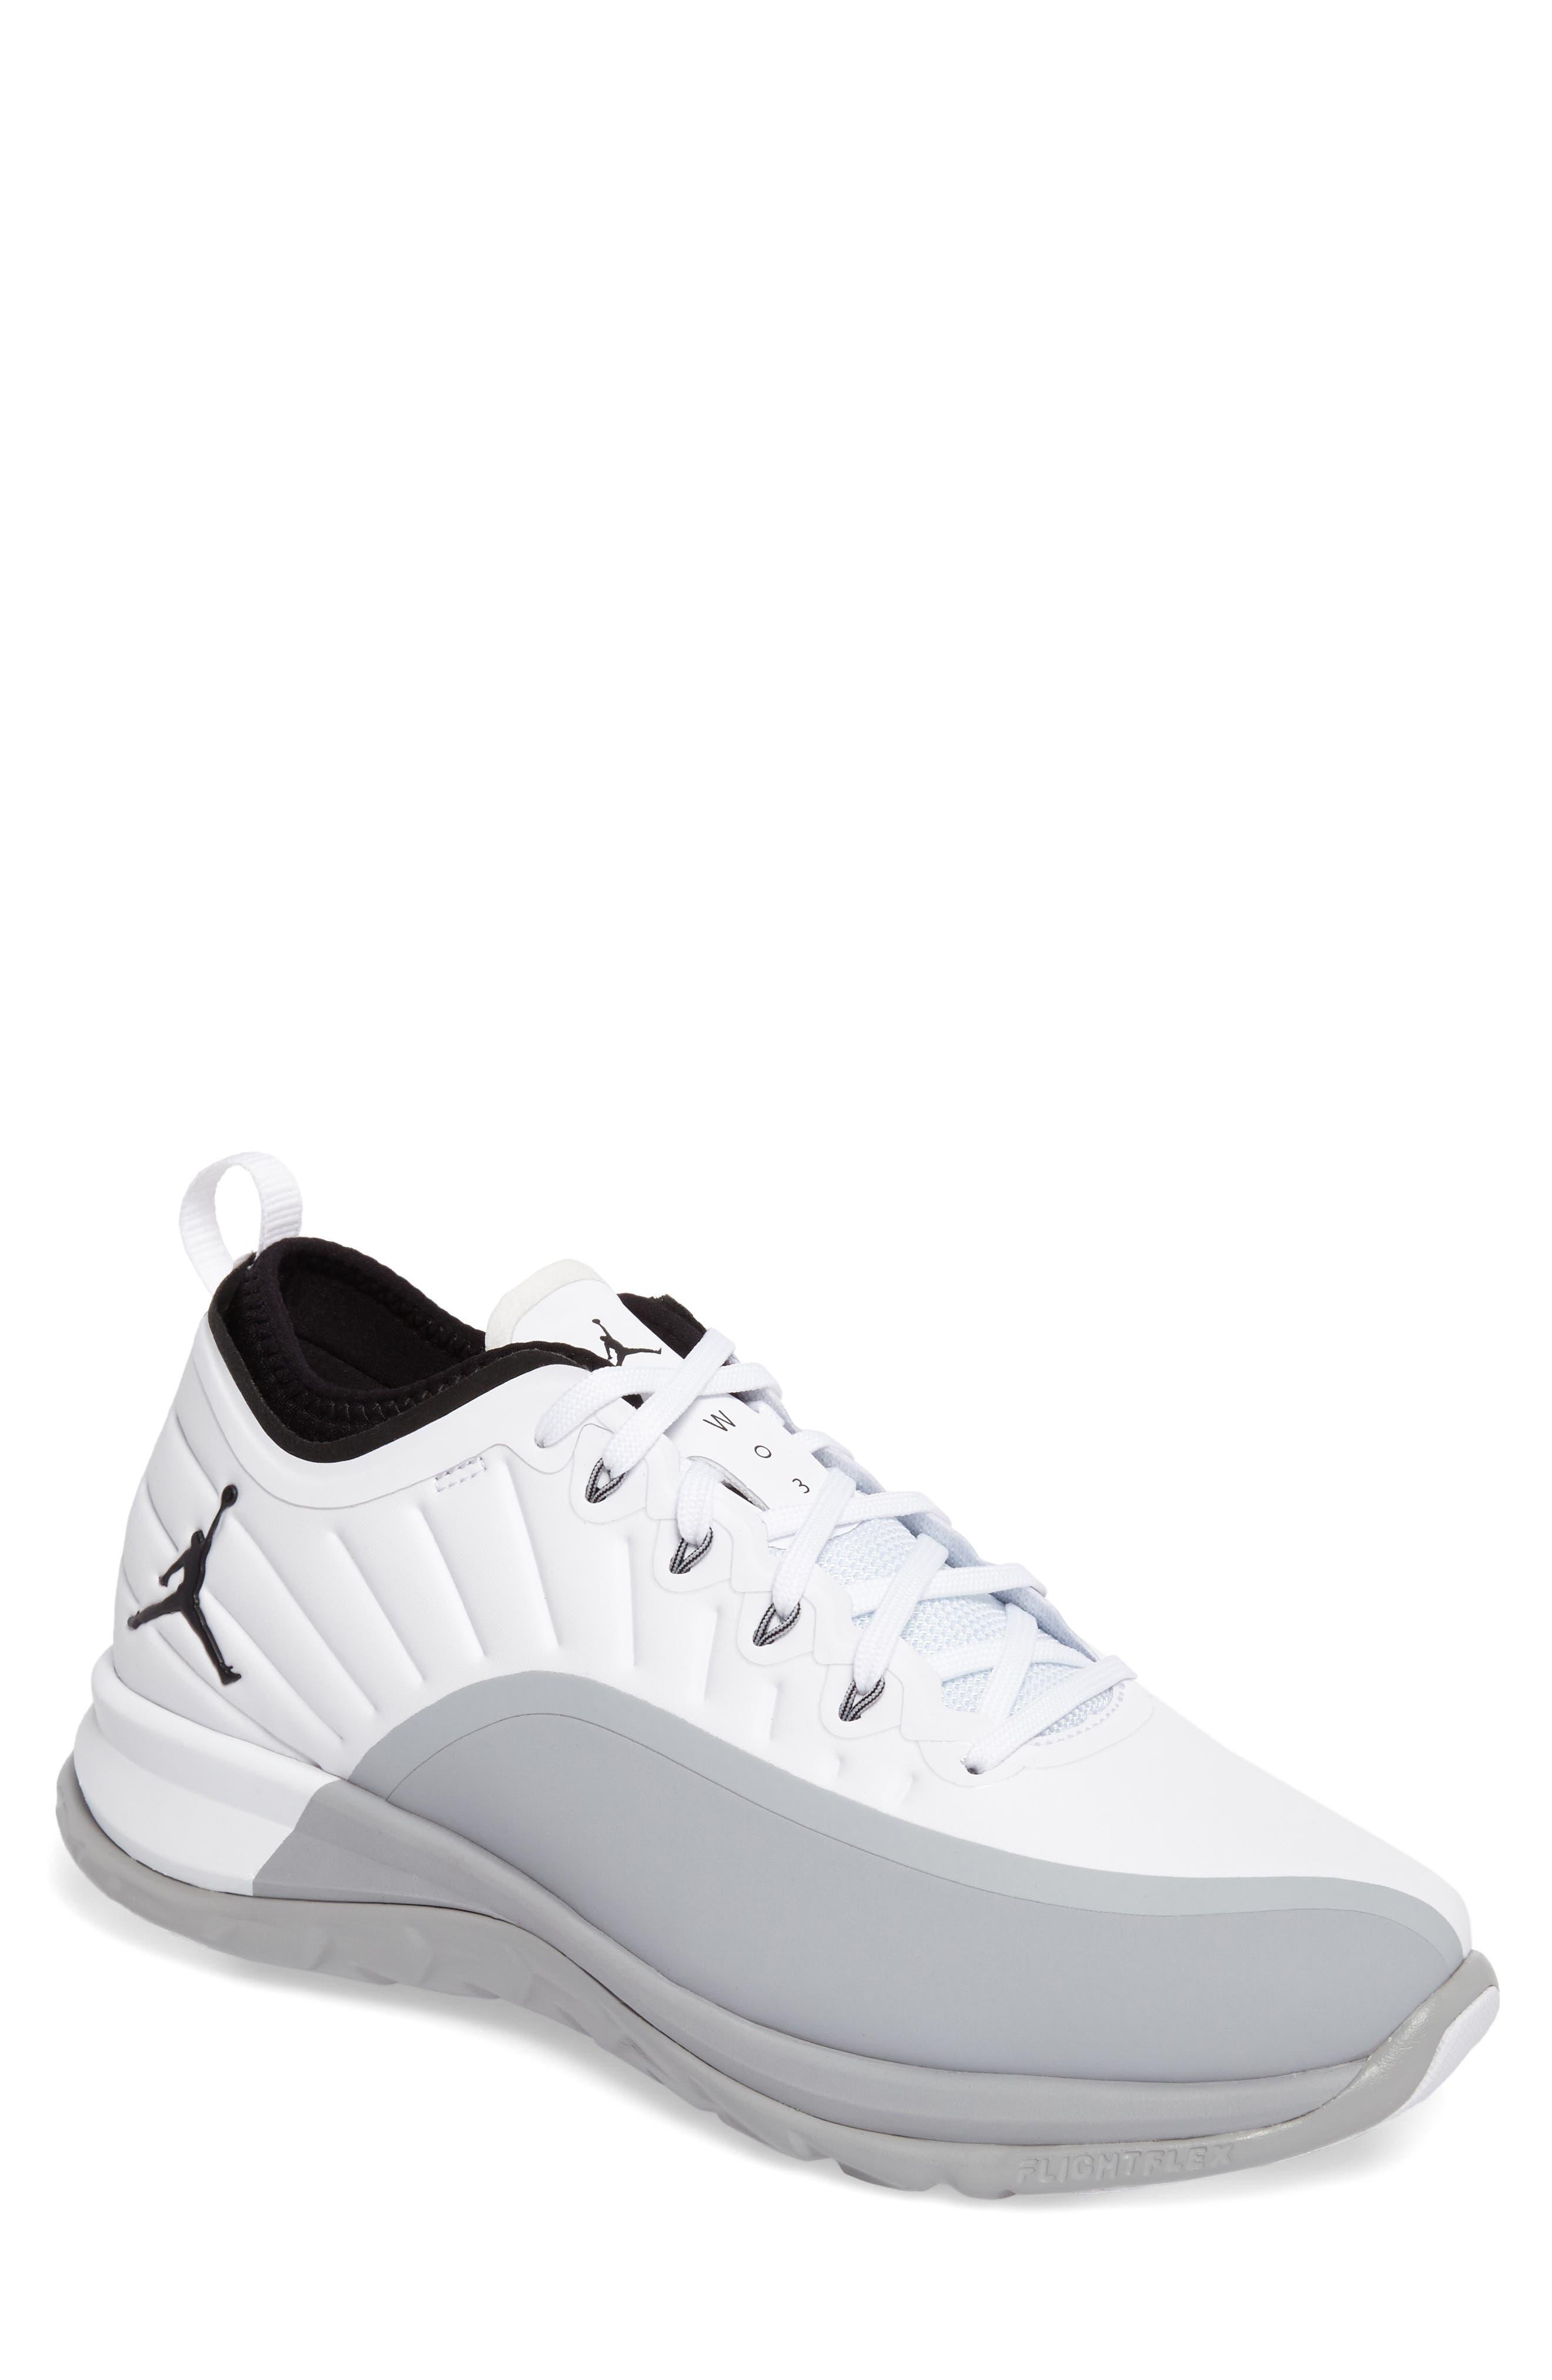 Alternate Image 1 Selected - Nike Jordan Trainer Prime Sneaker (Men)